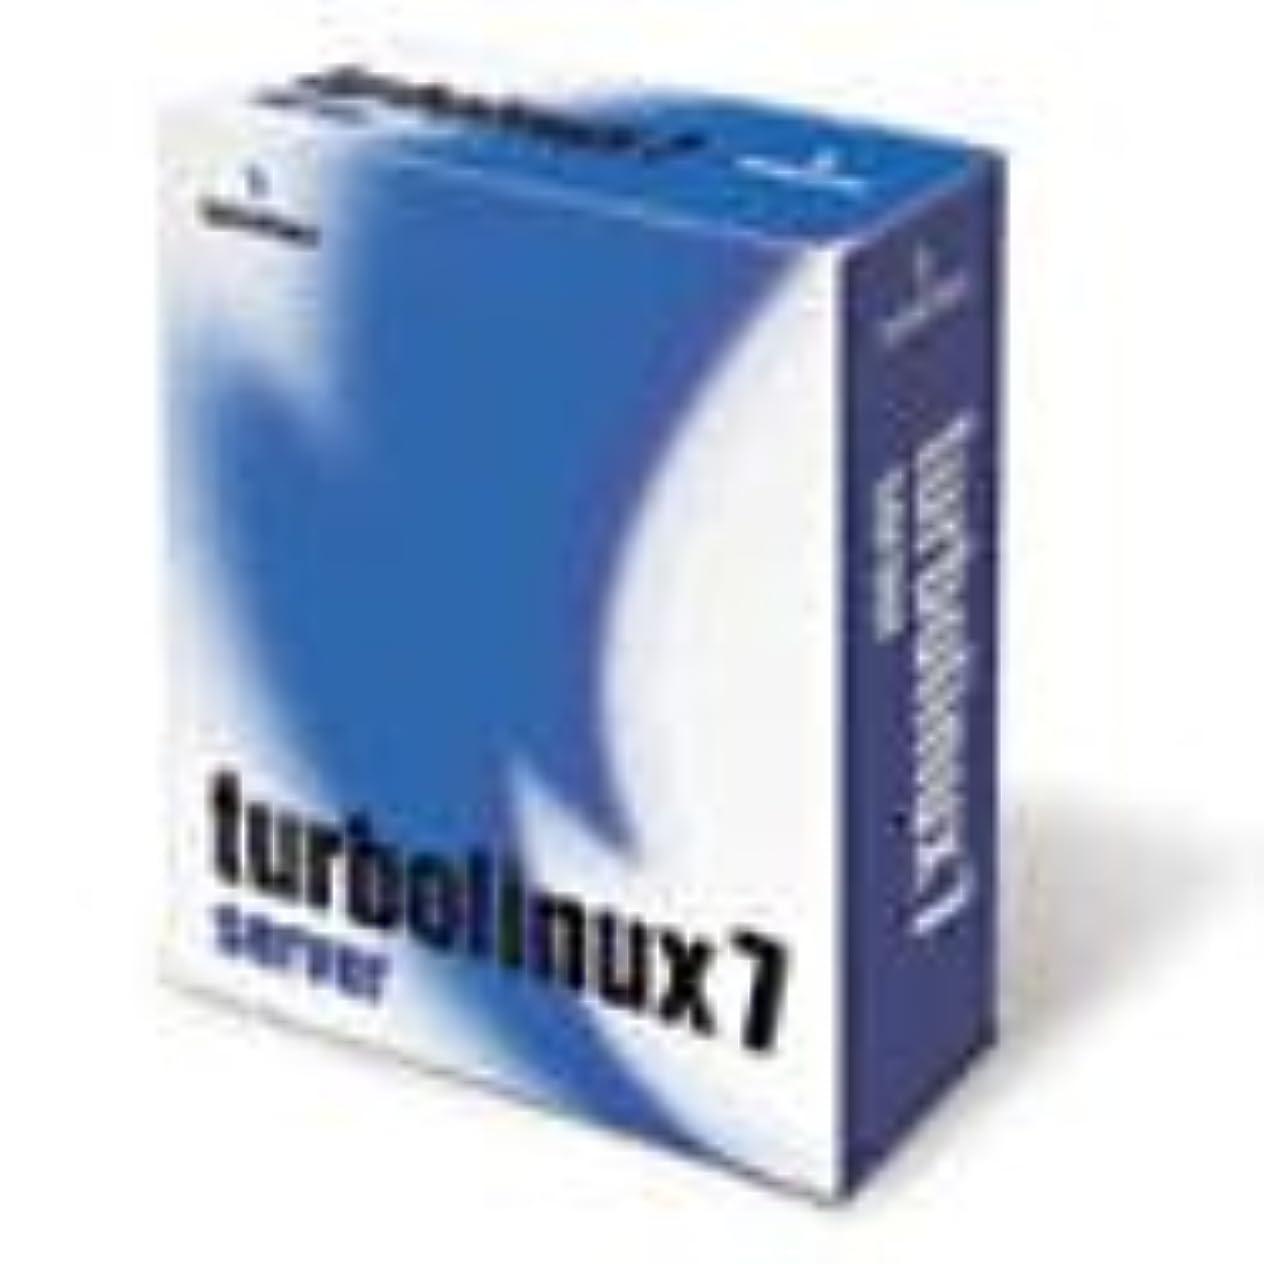 小説家代替案弁護人TurboLinux 7 Server